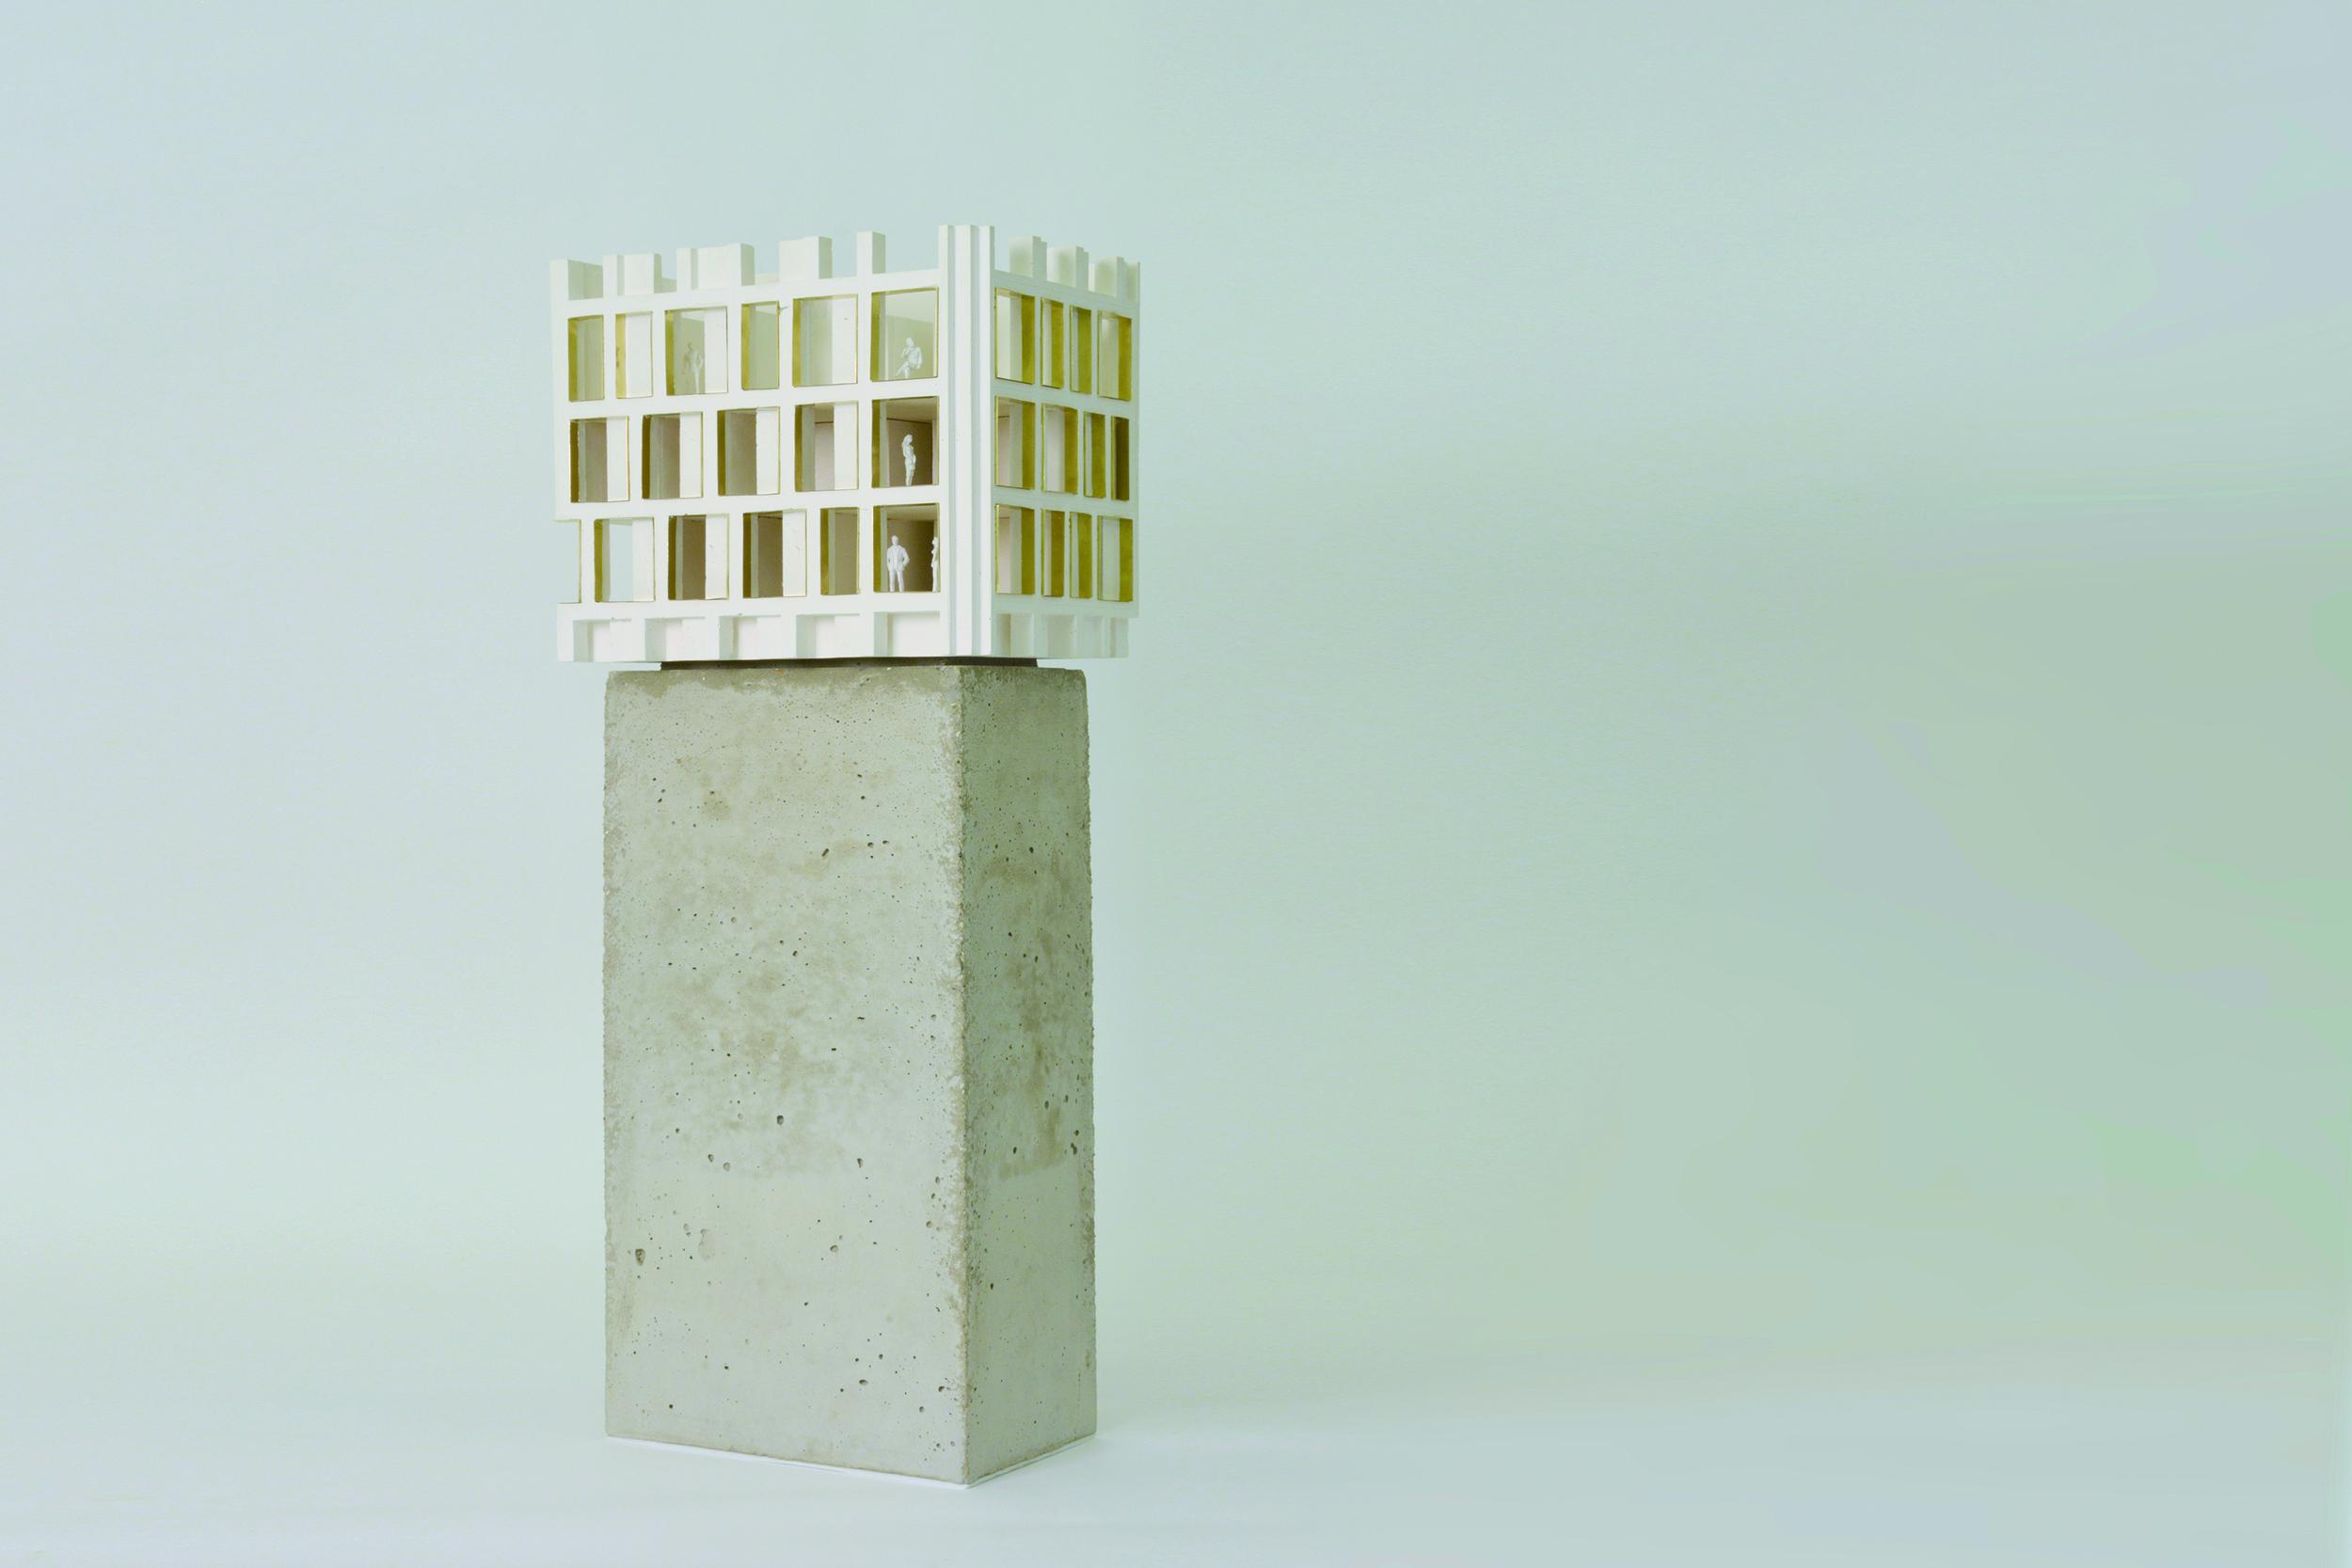 Piron architectes et ingénieurs + Bogdan & Van Broeck + Atelier Paysage